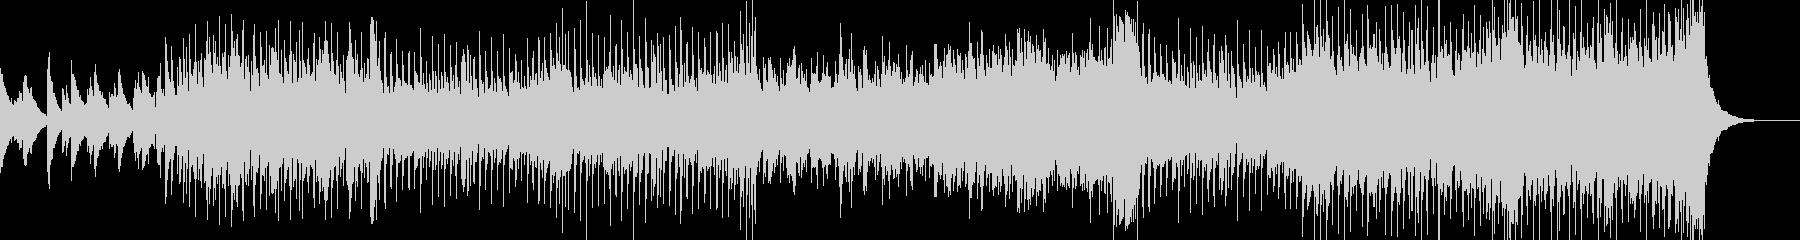 ピアノ主体のレトロディスコの未再生の波形